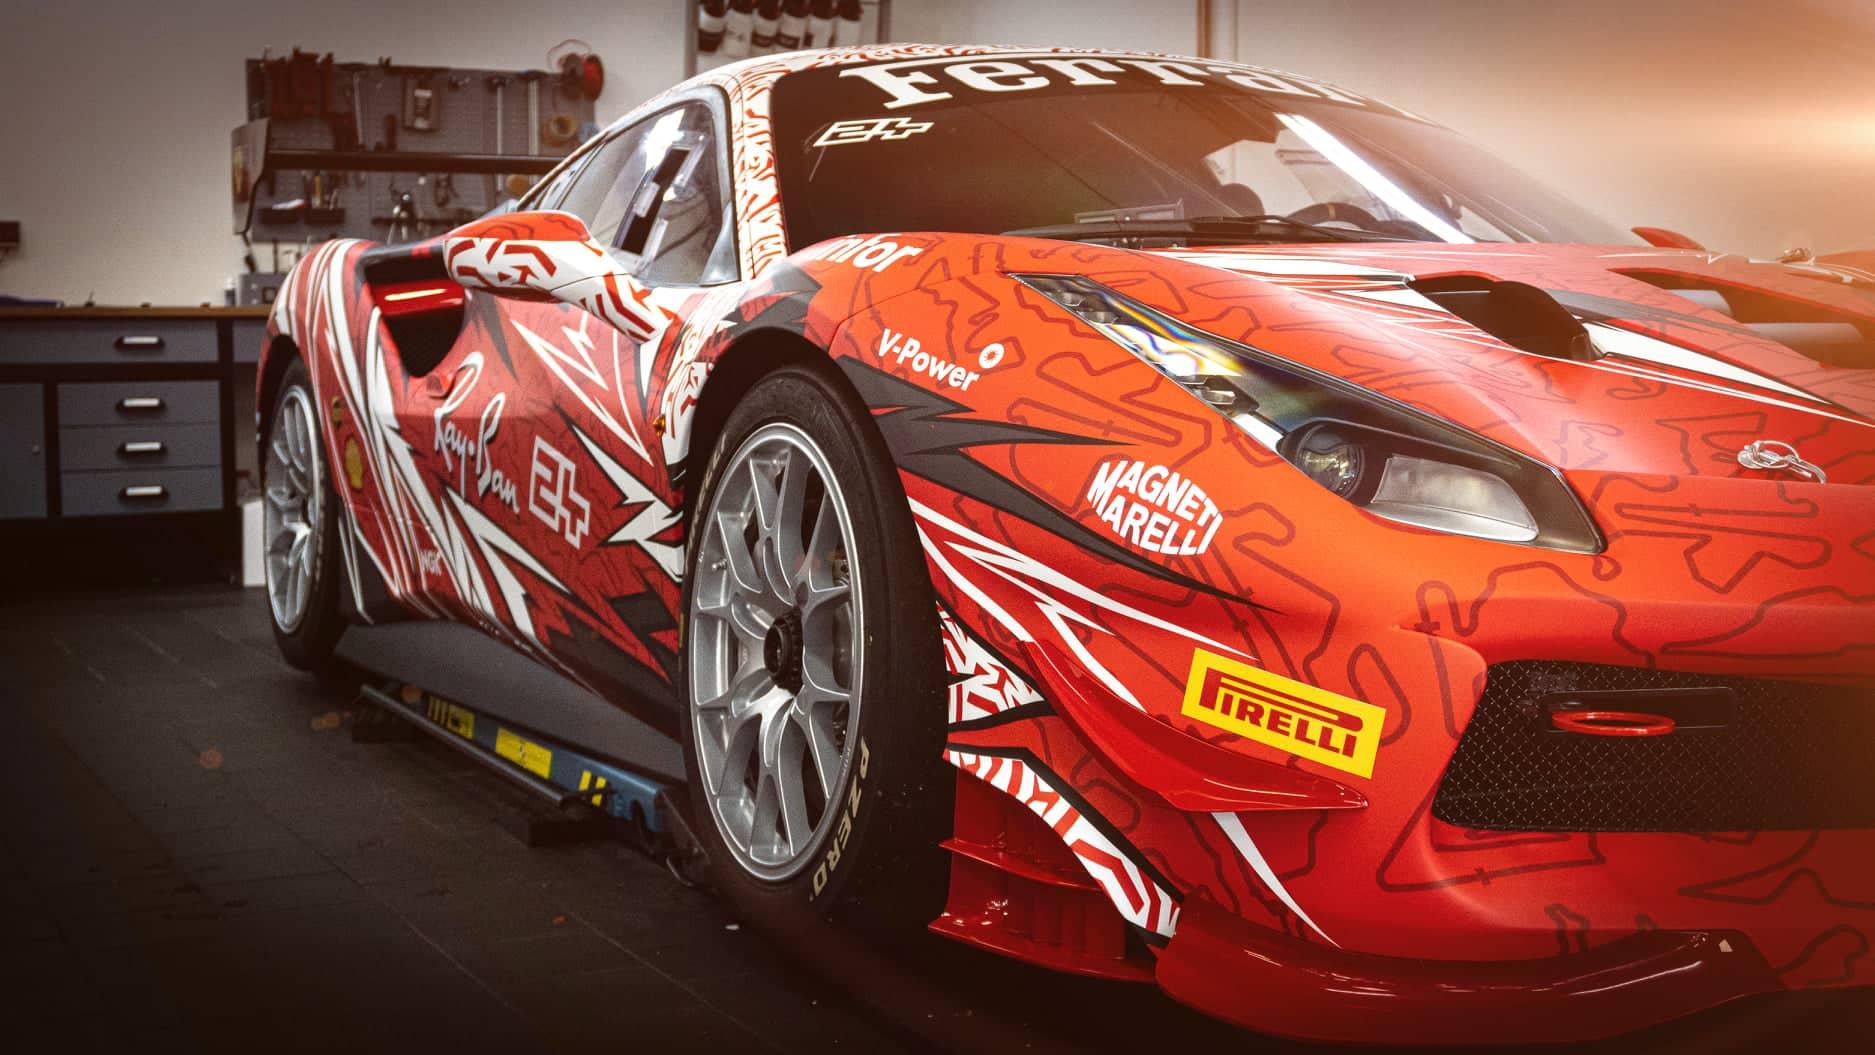 Ferrari Challenge 488 Digitaldruck Folierung Rennwagen